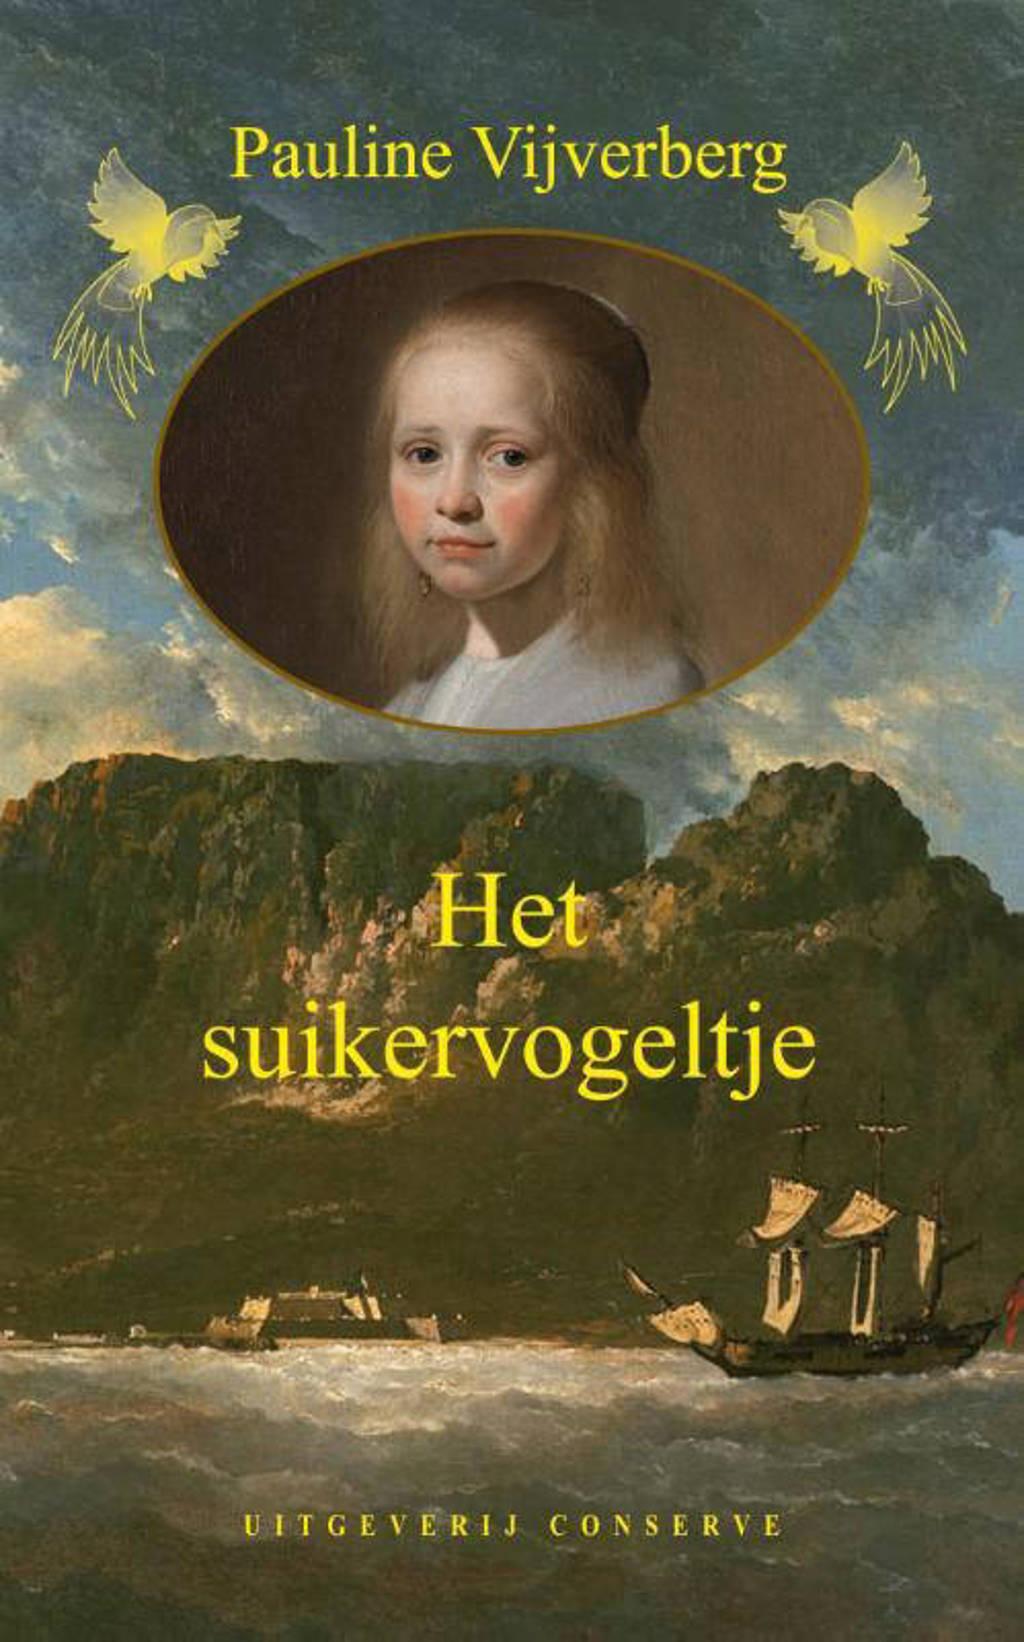 Het suikervogeltje - Pauline Vijverberg